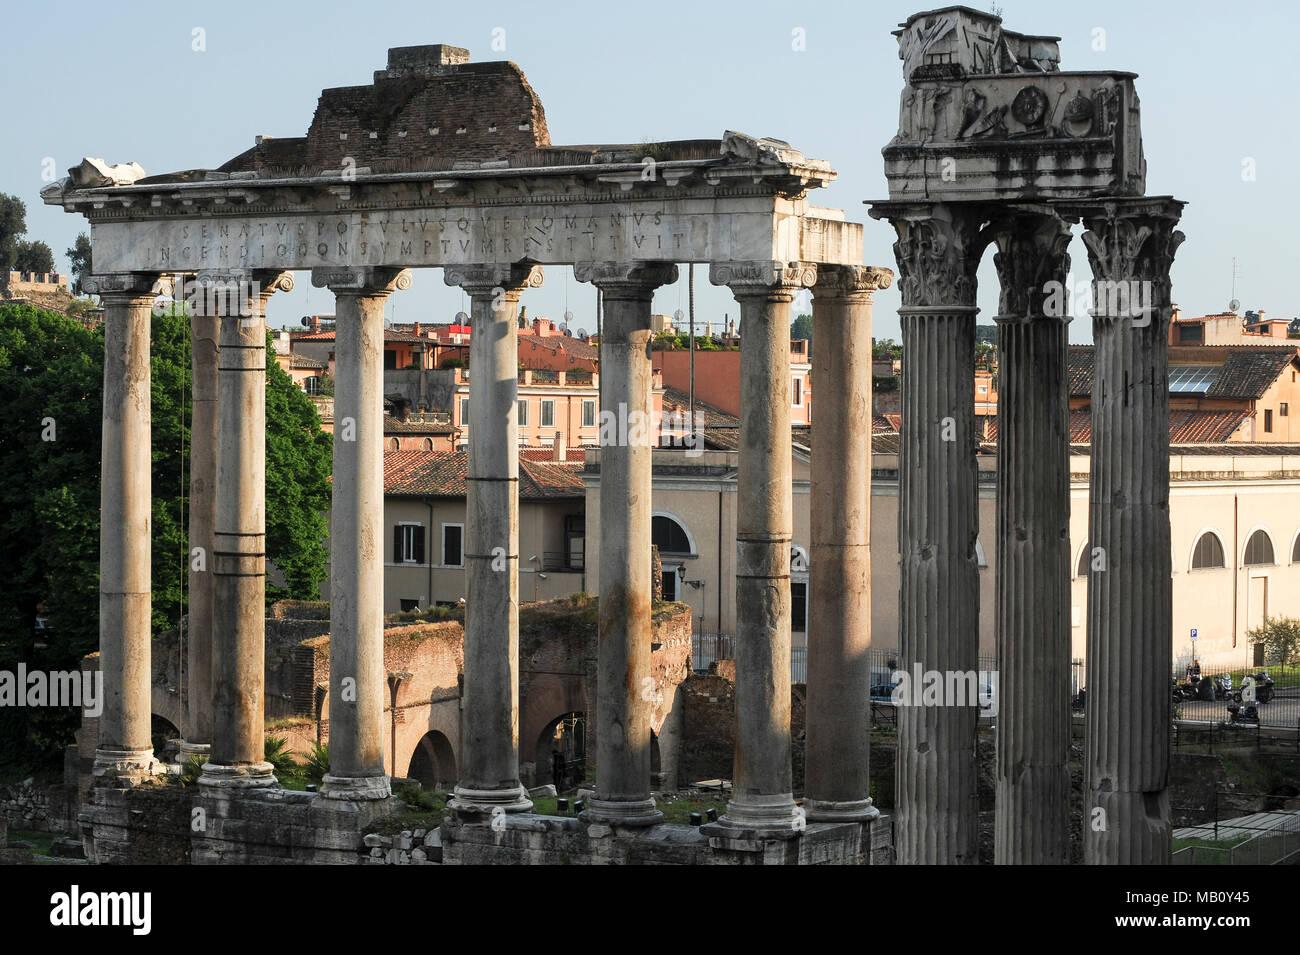 Tempio Di Vespasiano Temple Of Vespasian And Titus And Tempio Di Saturno Temple Of Saturn In Foro Romano Forum Romanum In Historic Centre Of Rom Stock Photo Alamy